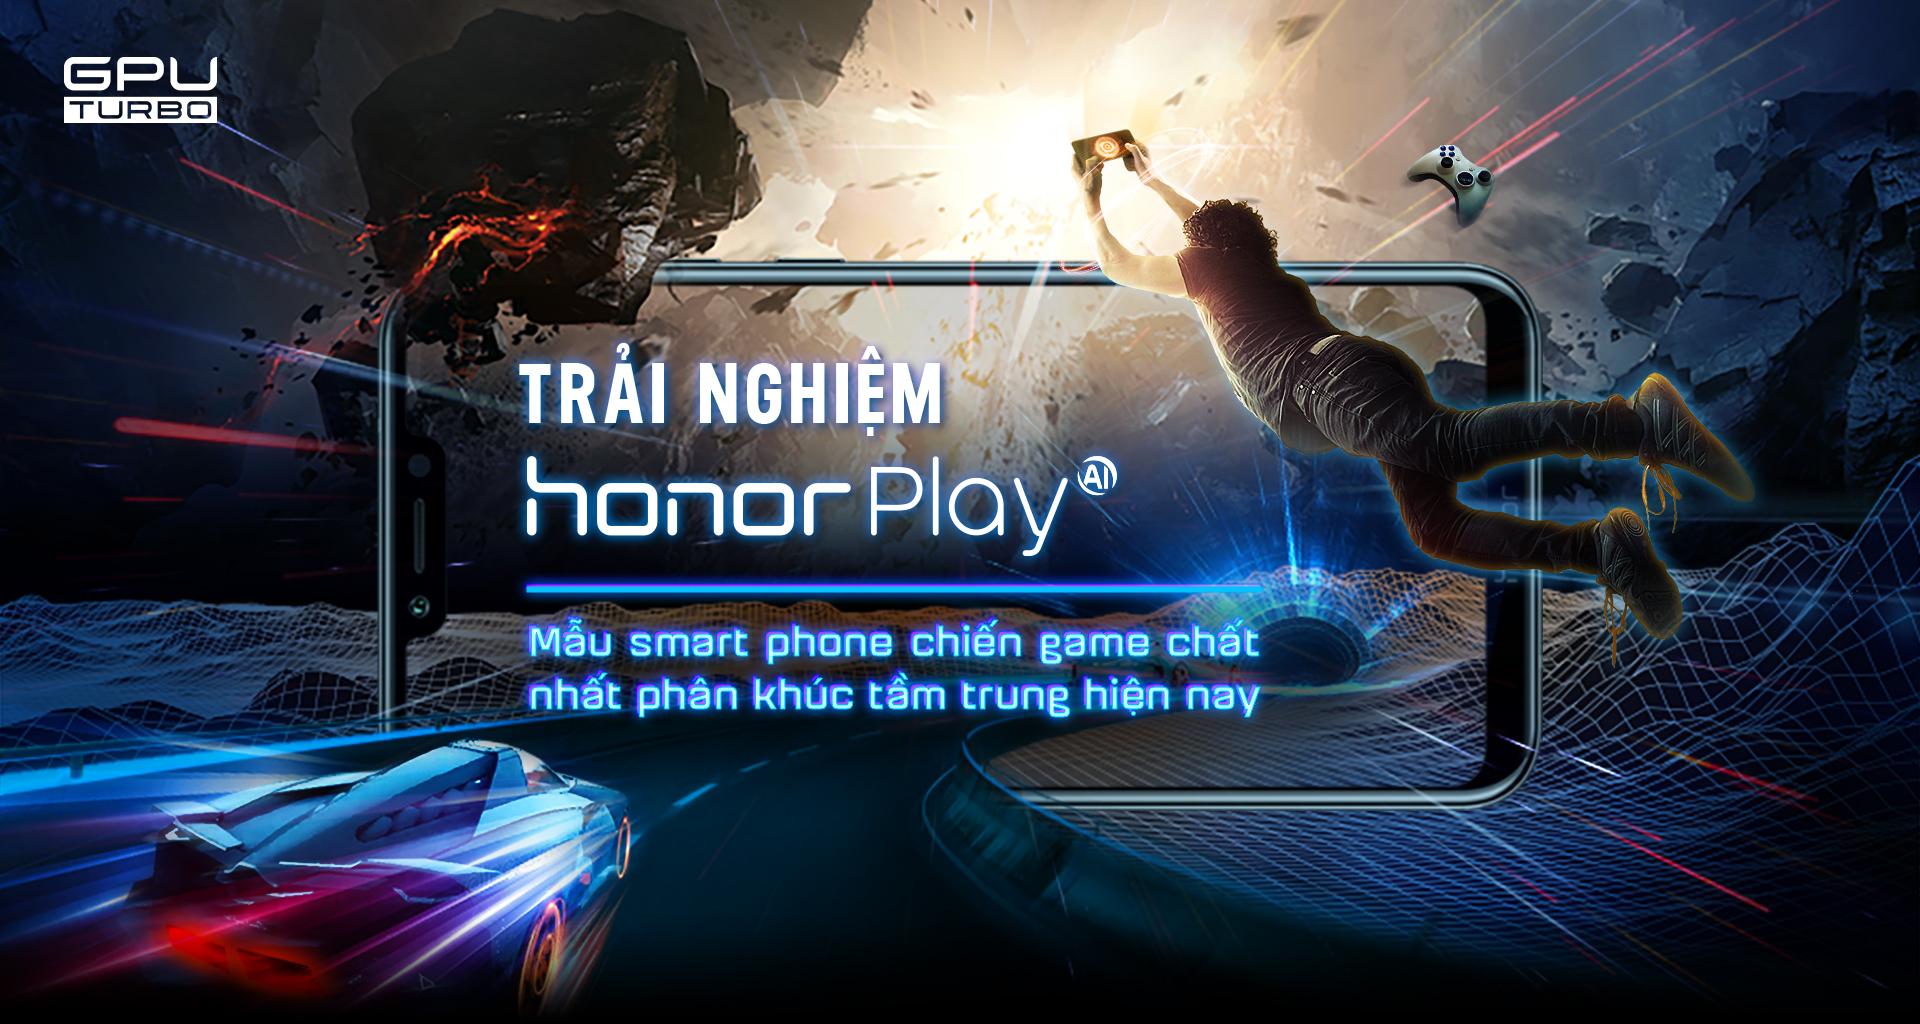 Có trải nghiệm Honor Play mới thấy đây là mẫu smartphone chiến game chất nhất phân khúc tầm trung hiện nay